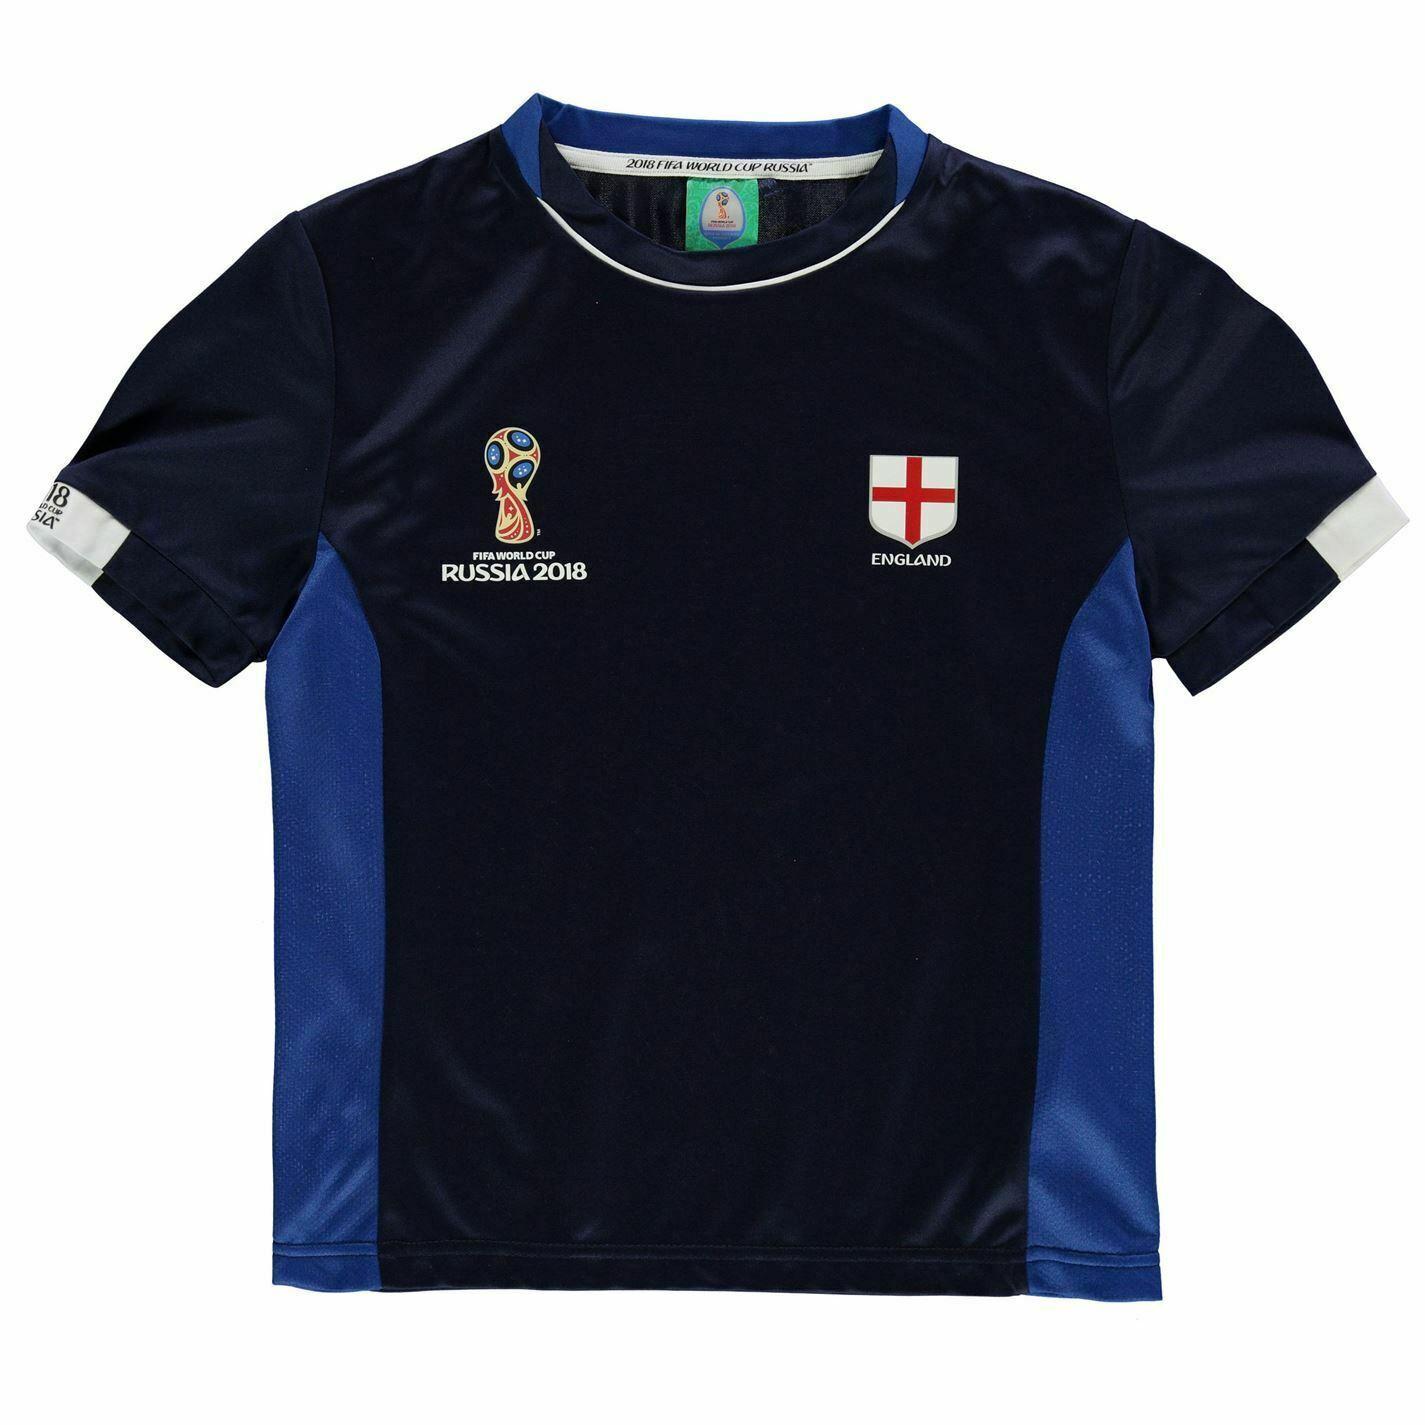 miniature 4 - FIFA Coupe du monde 2018 Angleterre T-Shirt Juniors FOOTBALL SOCCER top tee shirt